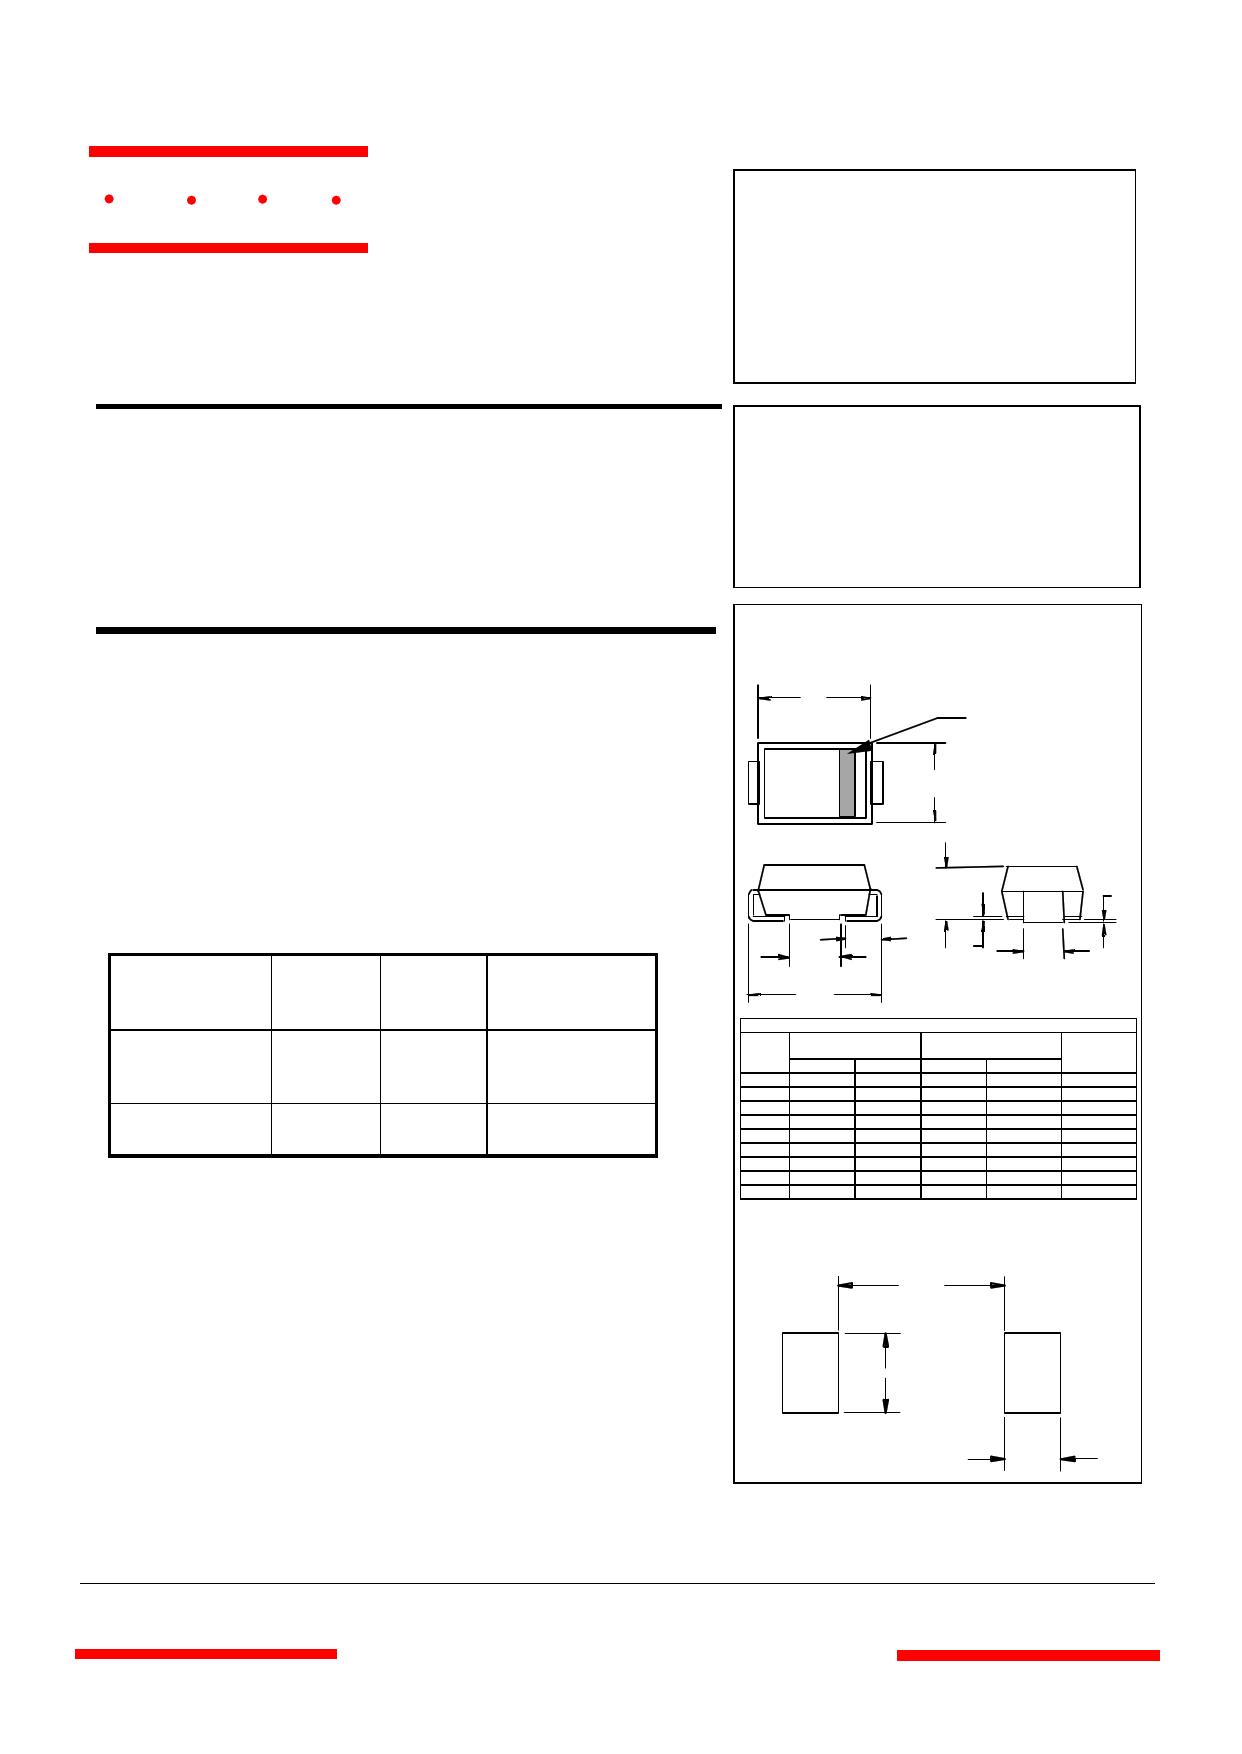 SMBJ5956 Datasheet, SMBJ5956 PDF,ピン配置, 機能